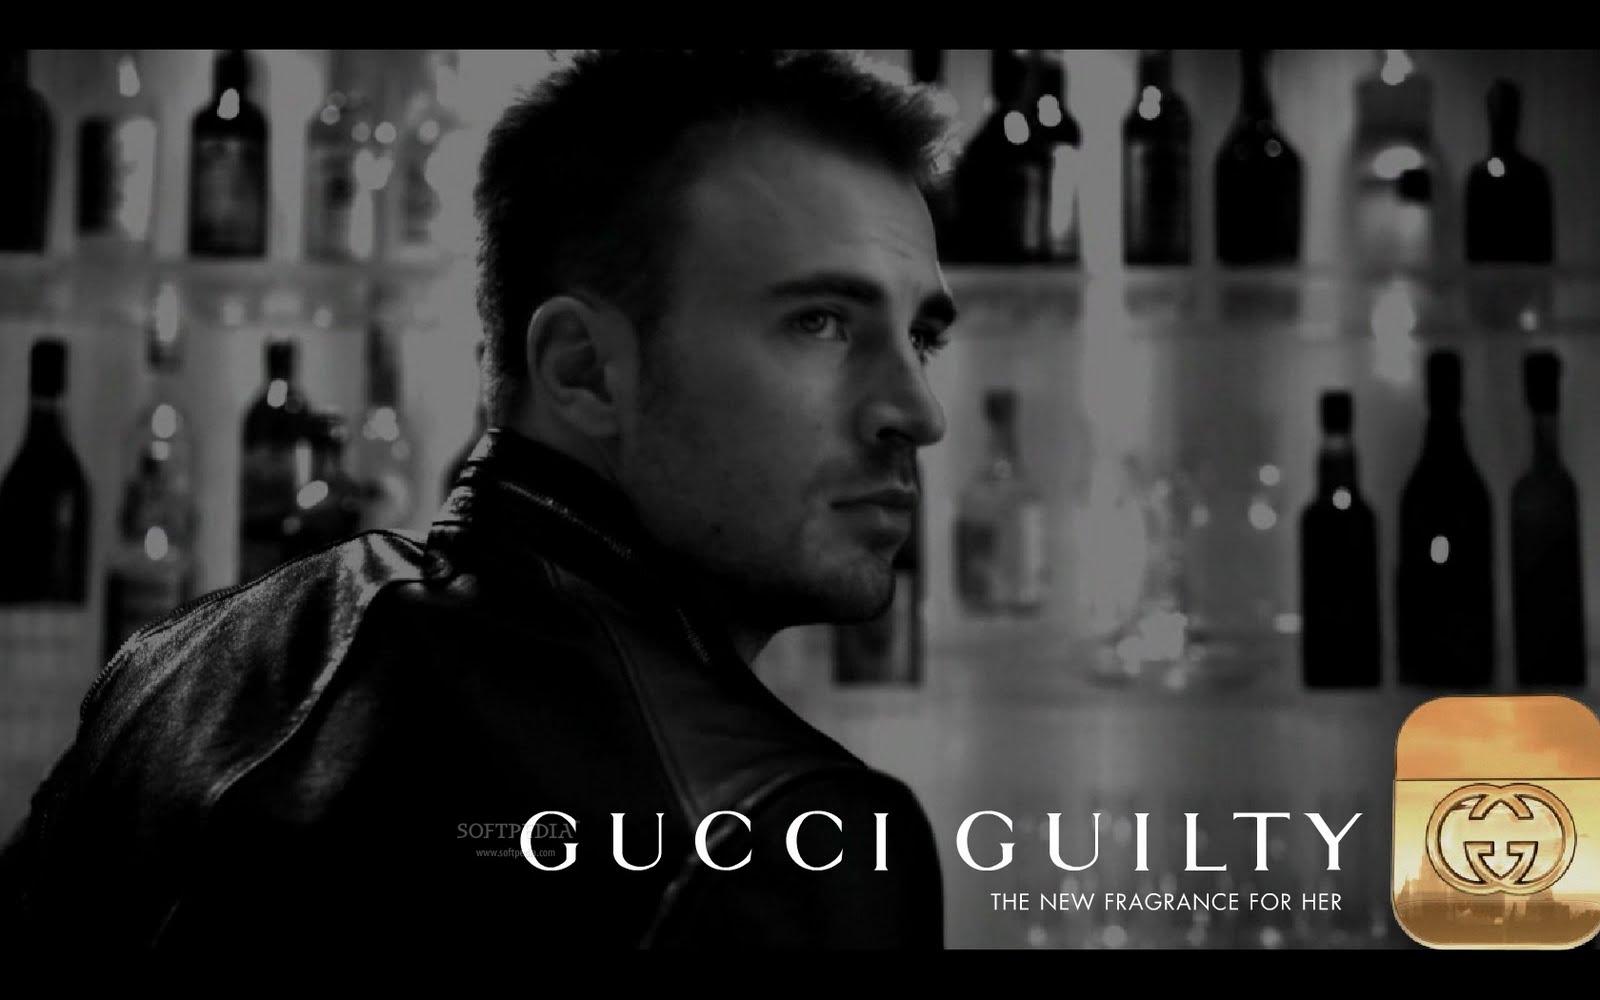 gucci envy me 2 3.4